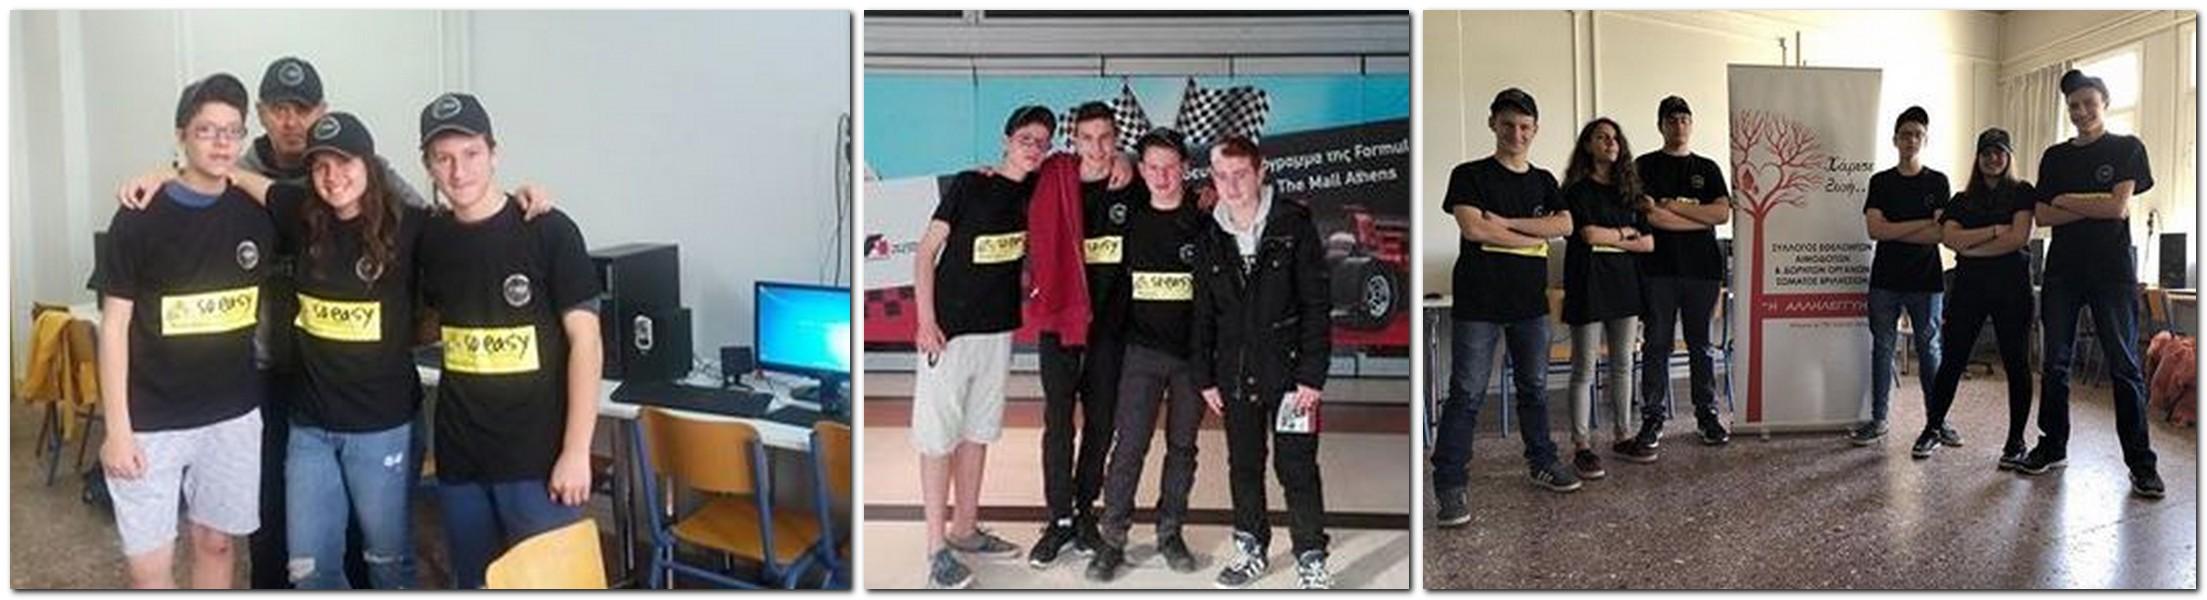 Το 1ο Γυμνάσιο Βριλησσίων στο F1 in Schools